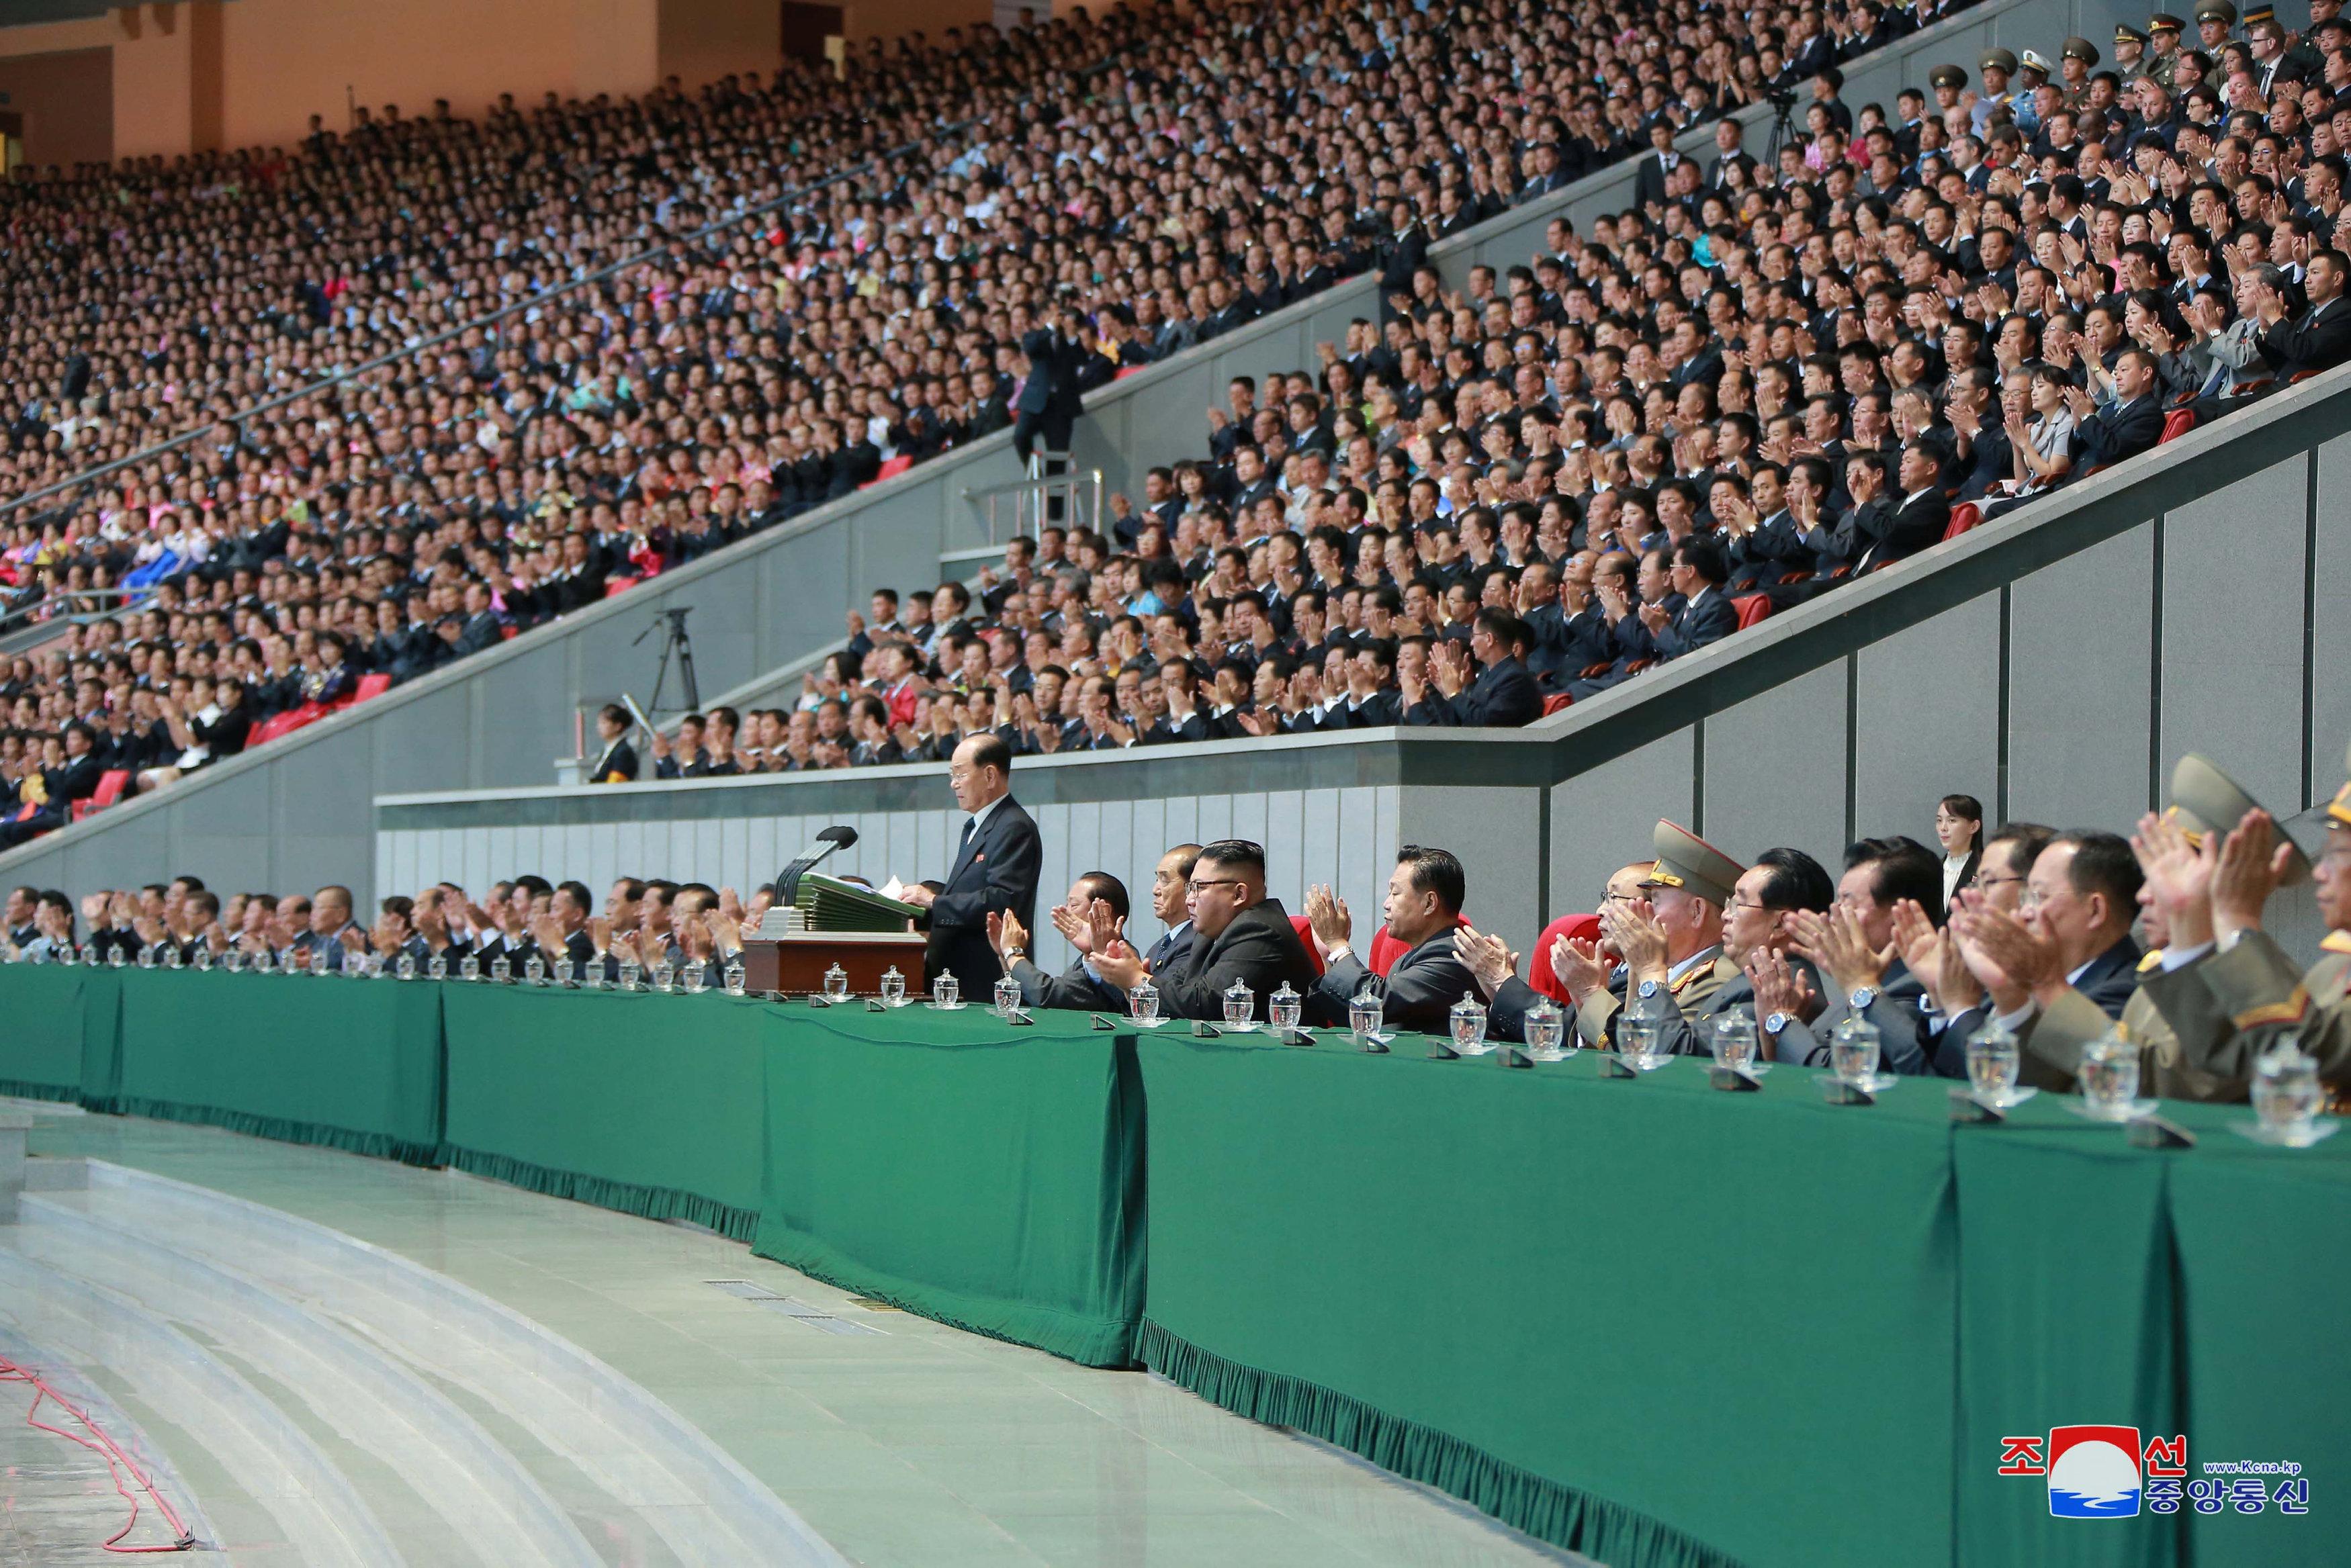 أحد مسؤولى الحزب الحاكم يلقى كلمة فى حضور زعيم كوريا الشمالية